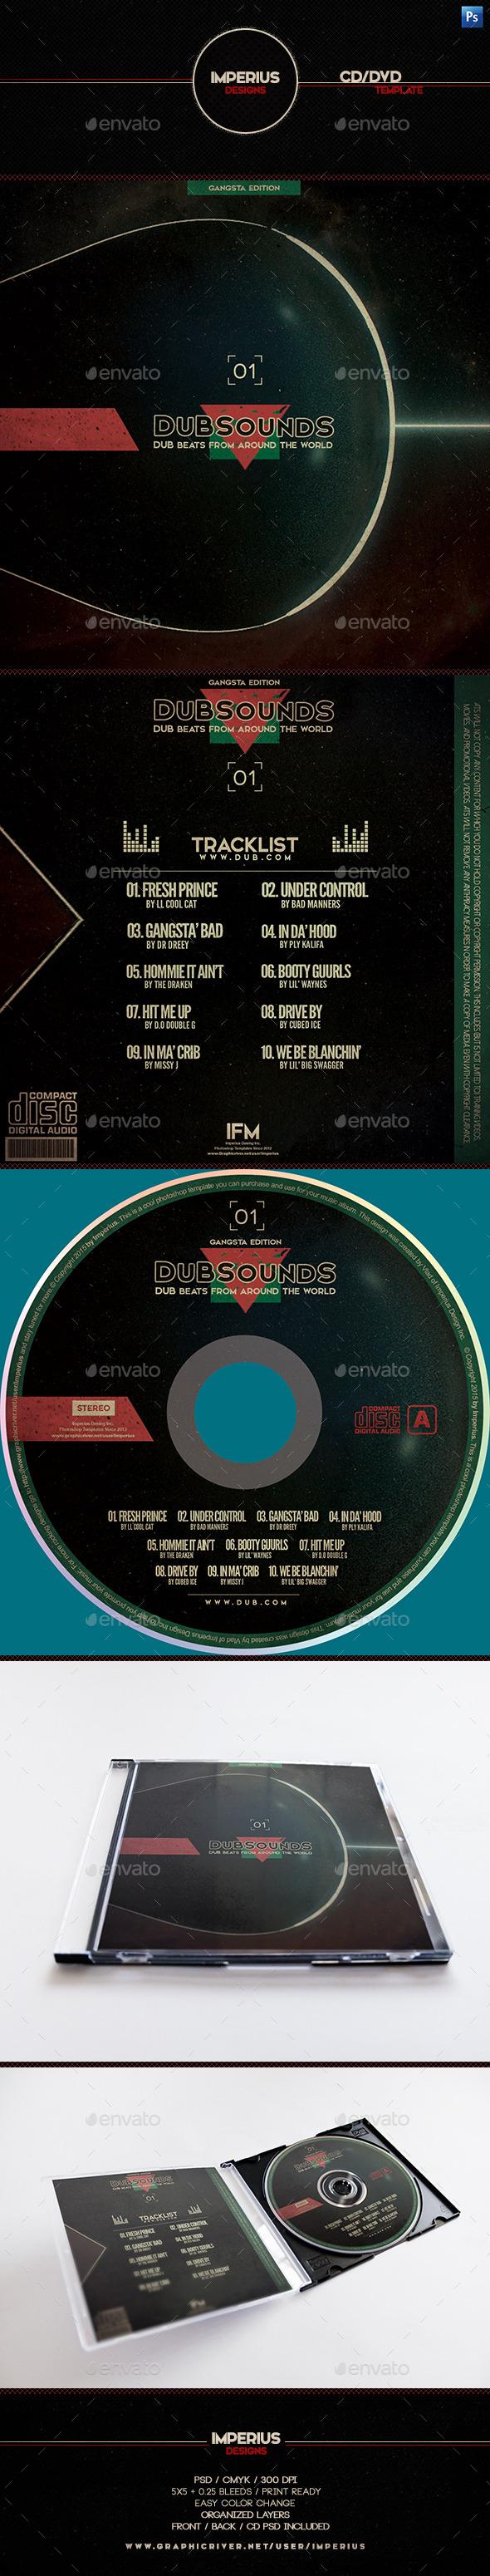 DubSounds CD/DVD Cover - CD & DVD Artwork Print Templates